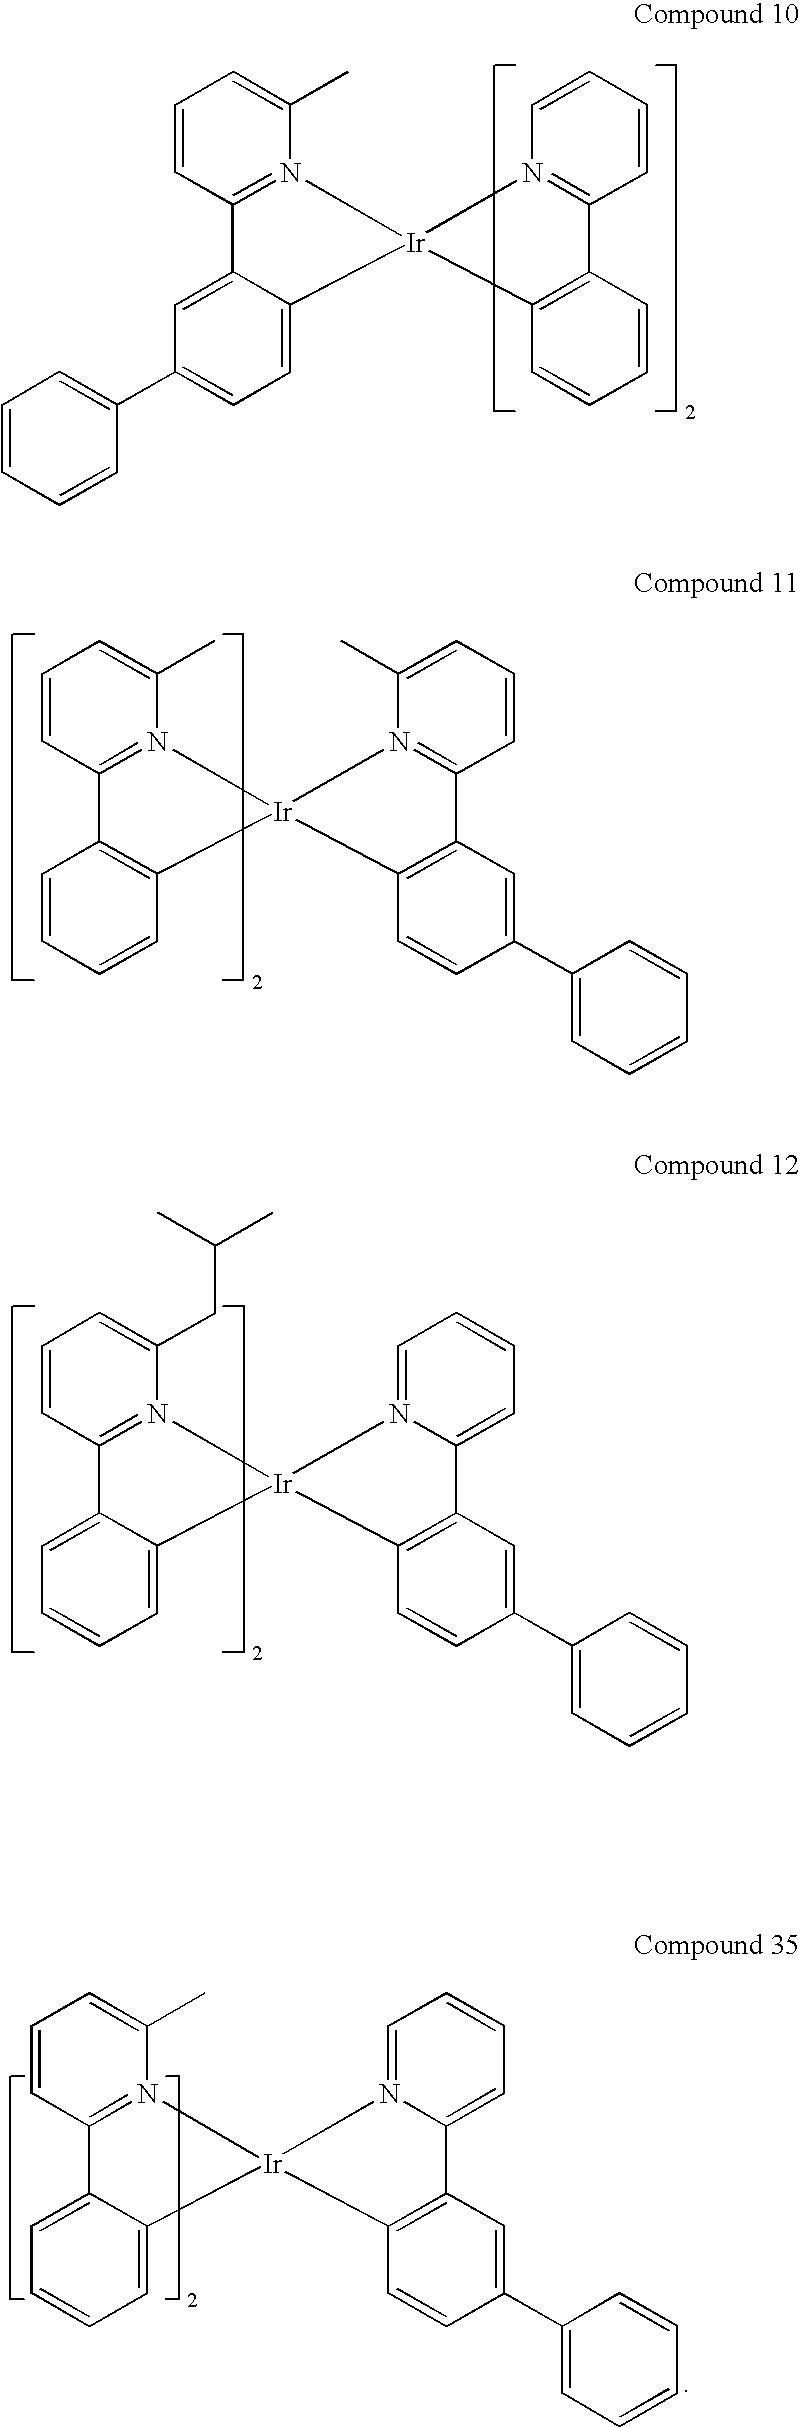 Figure US20090108737A1-20090430-C00027